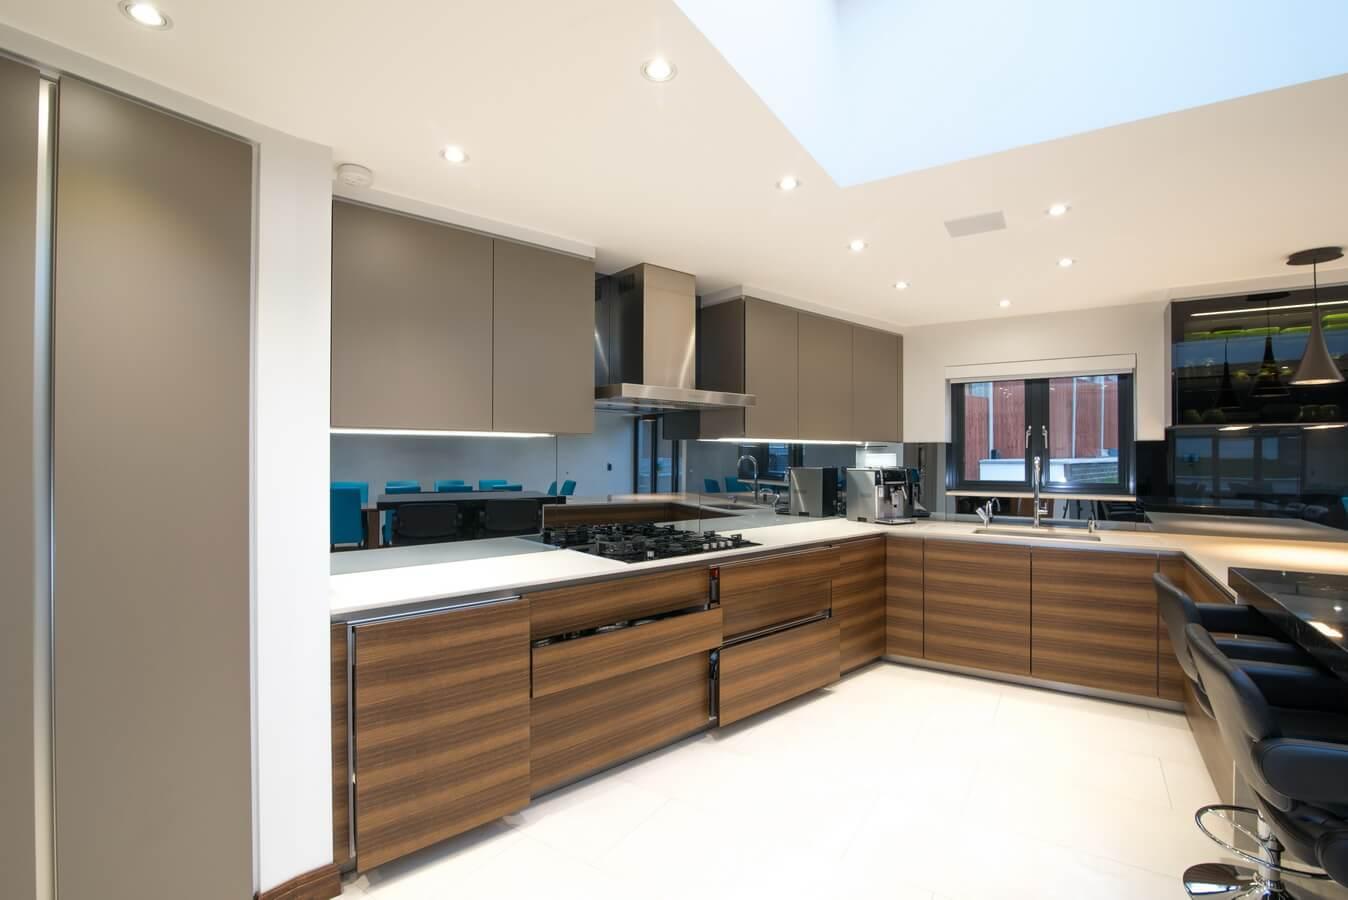 North-London-German-Kitchen-3.jpg